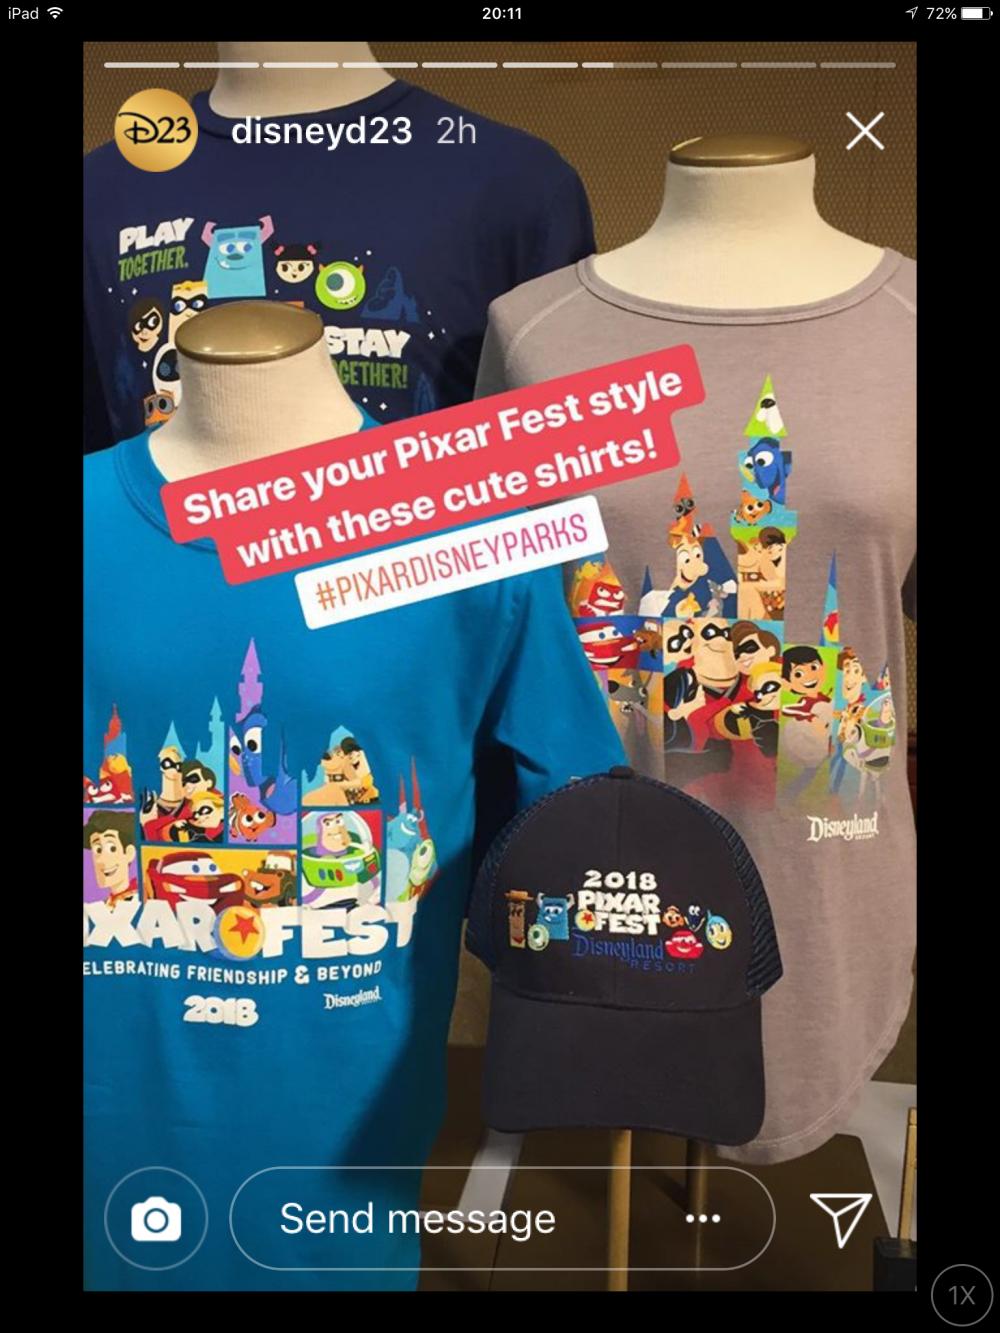 Disneylands Pixar Fest Merchandise Previewed